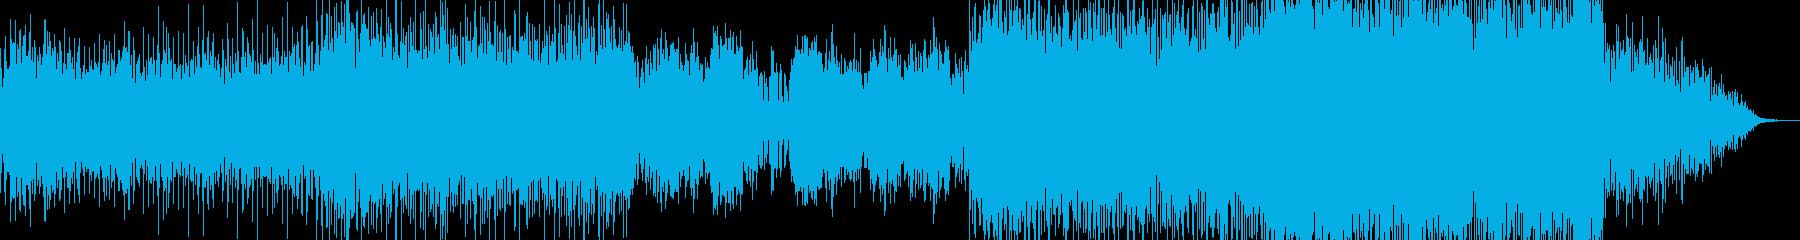 映像のためのエキゾチック音楽ー迷宮の再生済みの波形